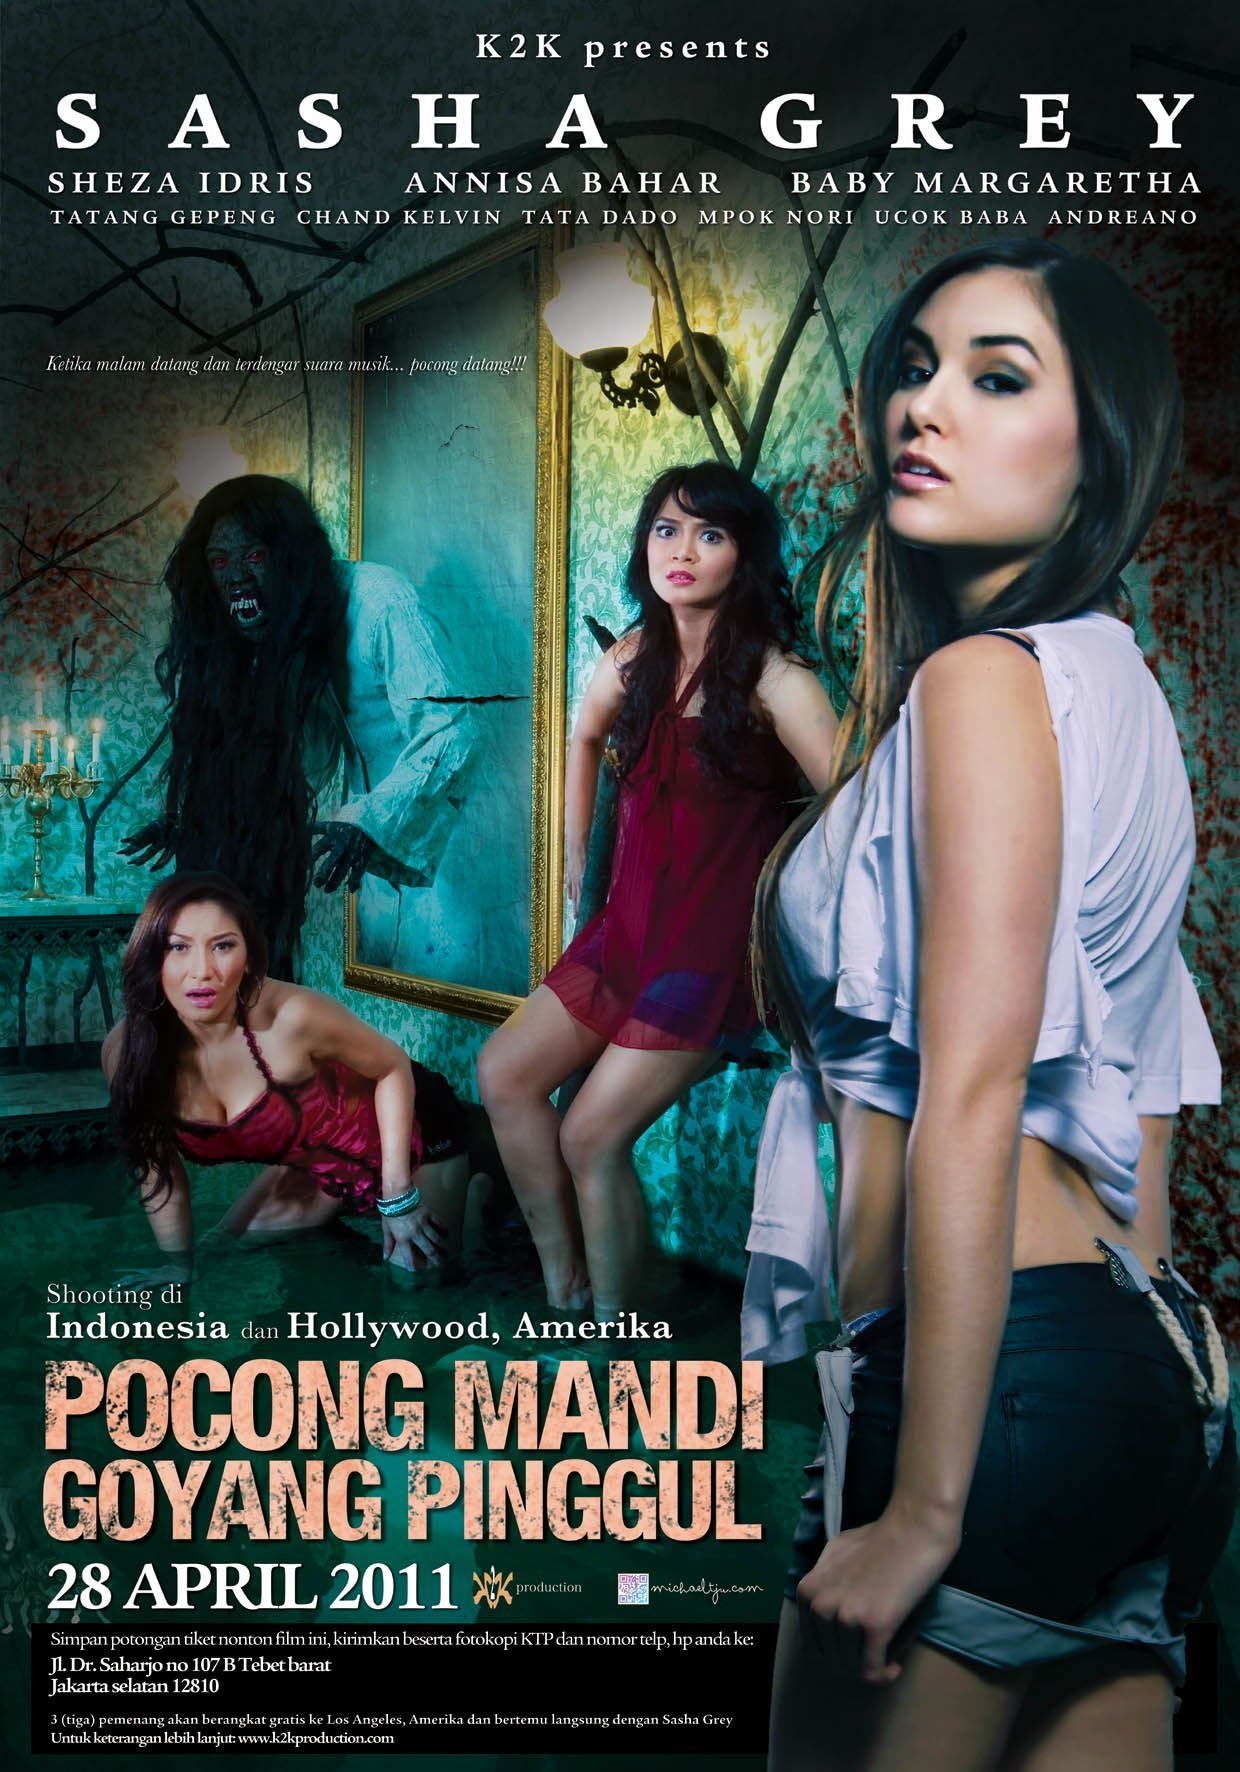 Antara Mesum dan Konyol, Ini 10 Film Indonesia Berjudul Mengada-Ada